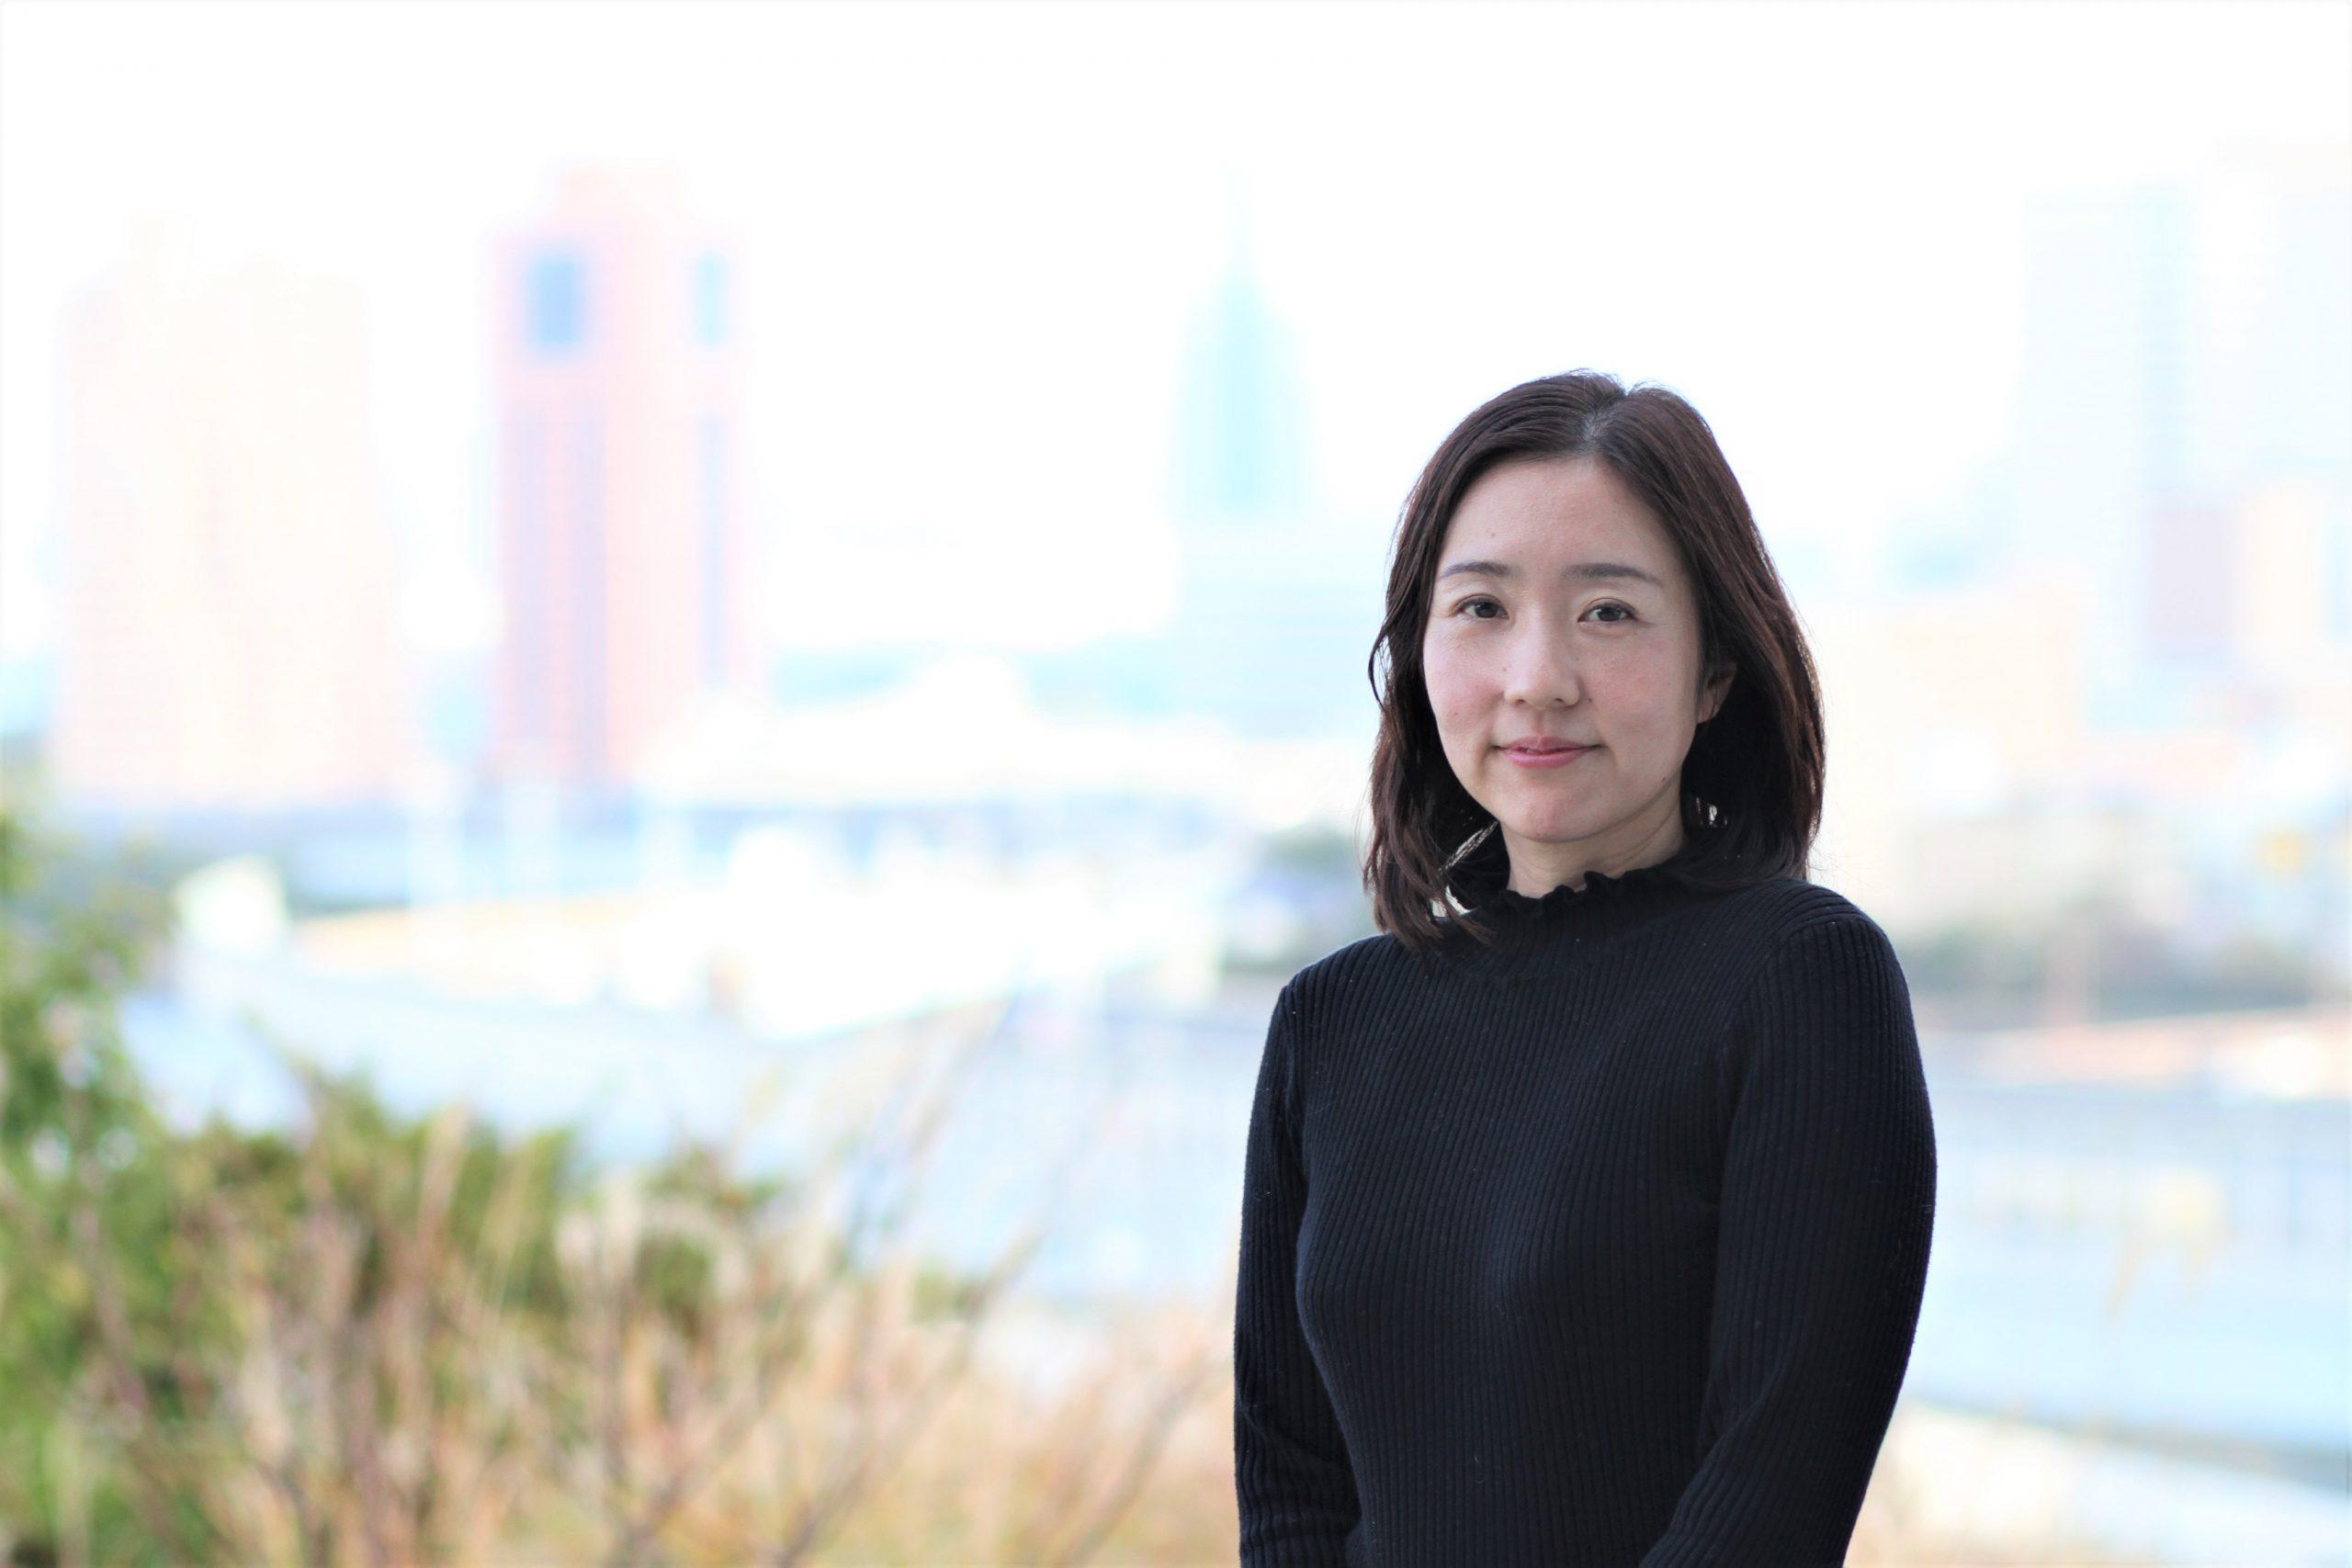 龍絵莉子さんインタビュー<現在編集中です>のサムネイル